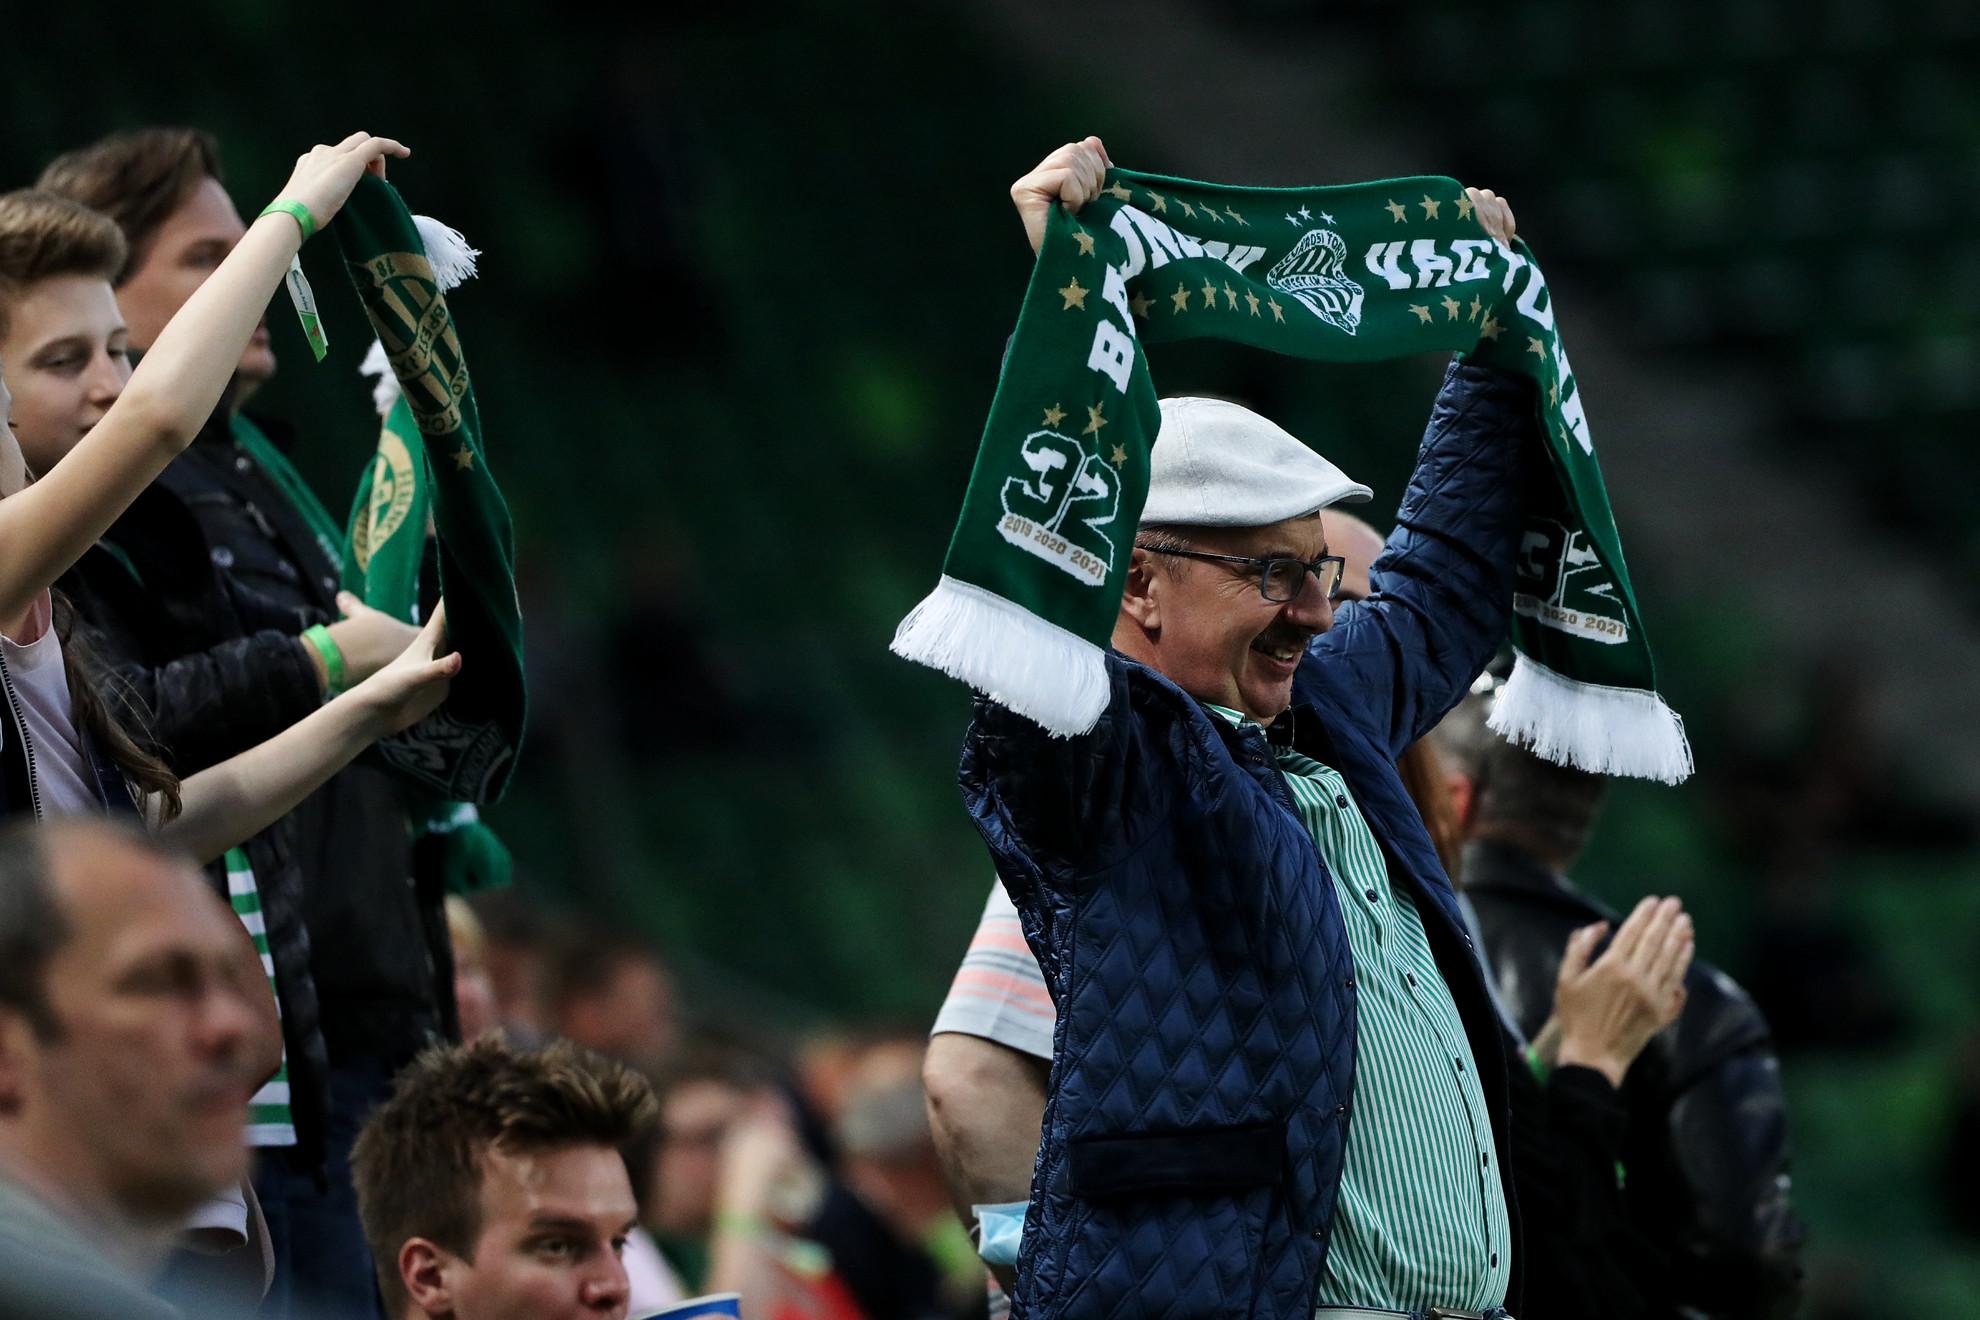 A hazai játékosok a bevonulás után tapssal köszöntötték azokat, akik közülük kijöttek a stadionba